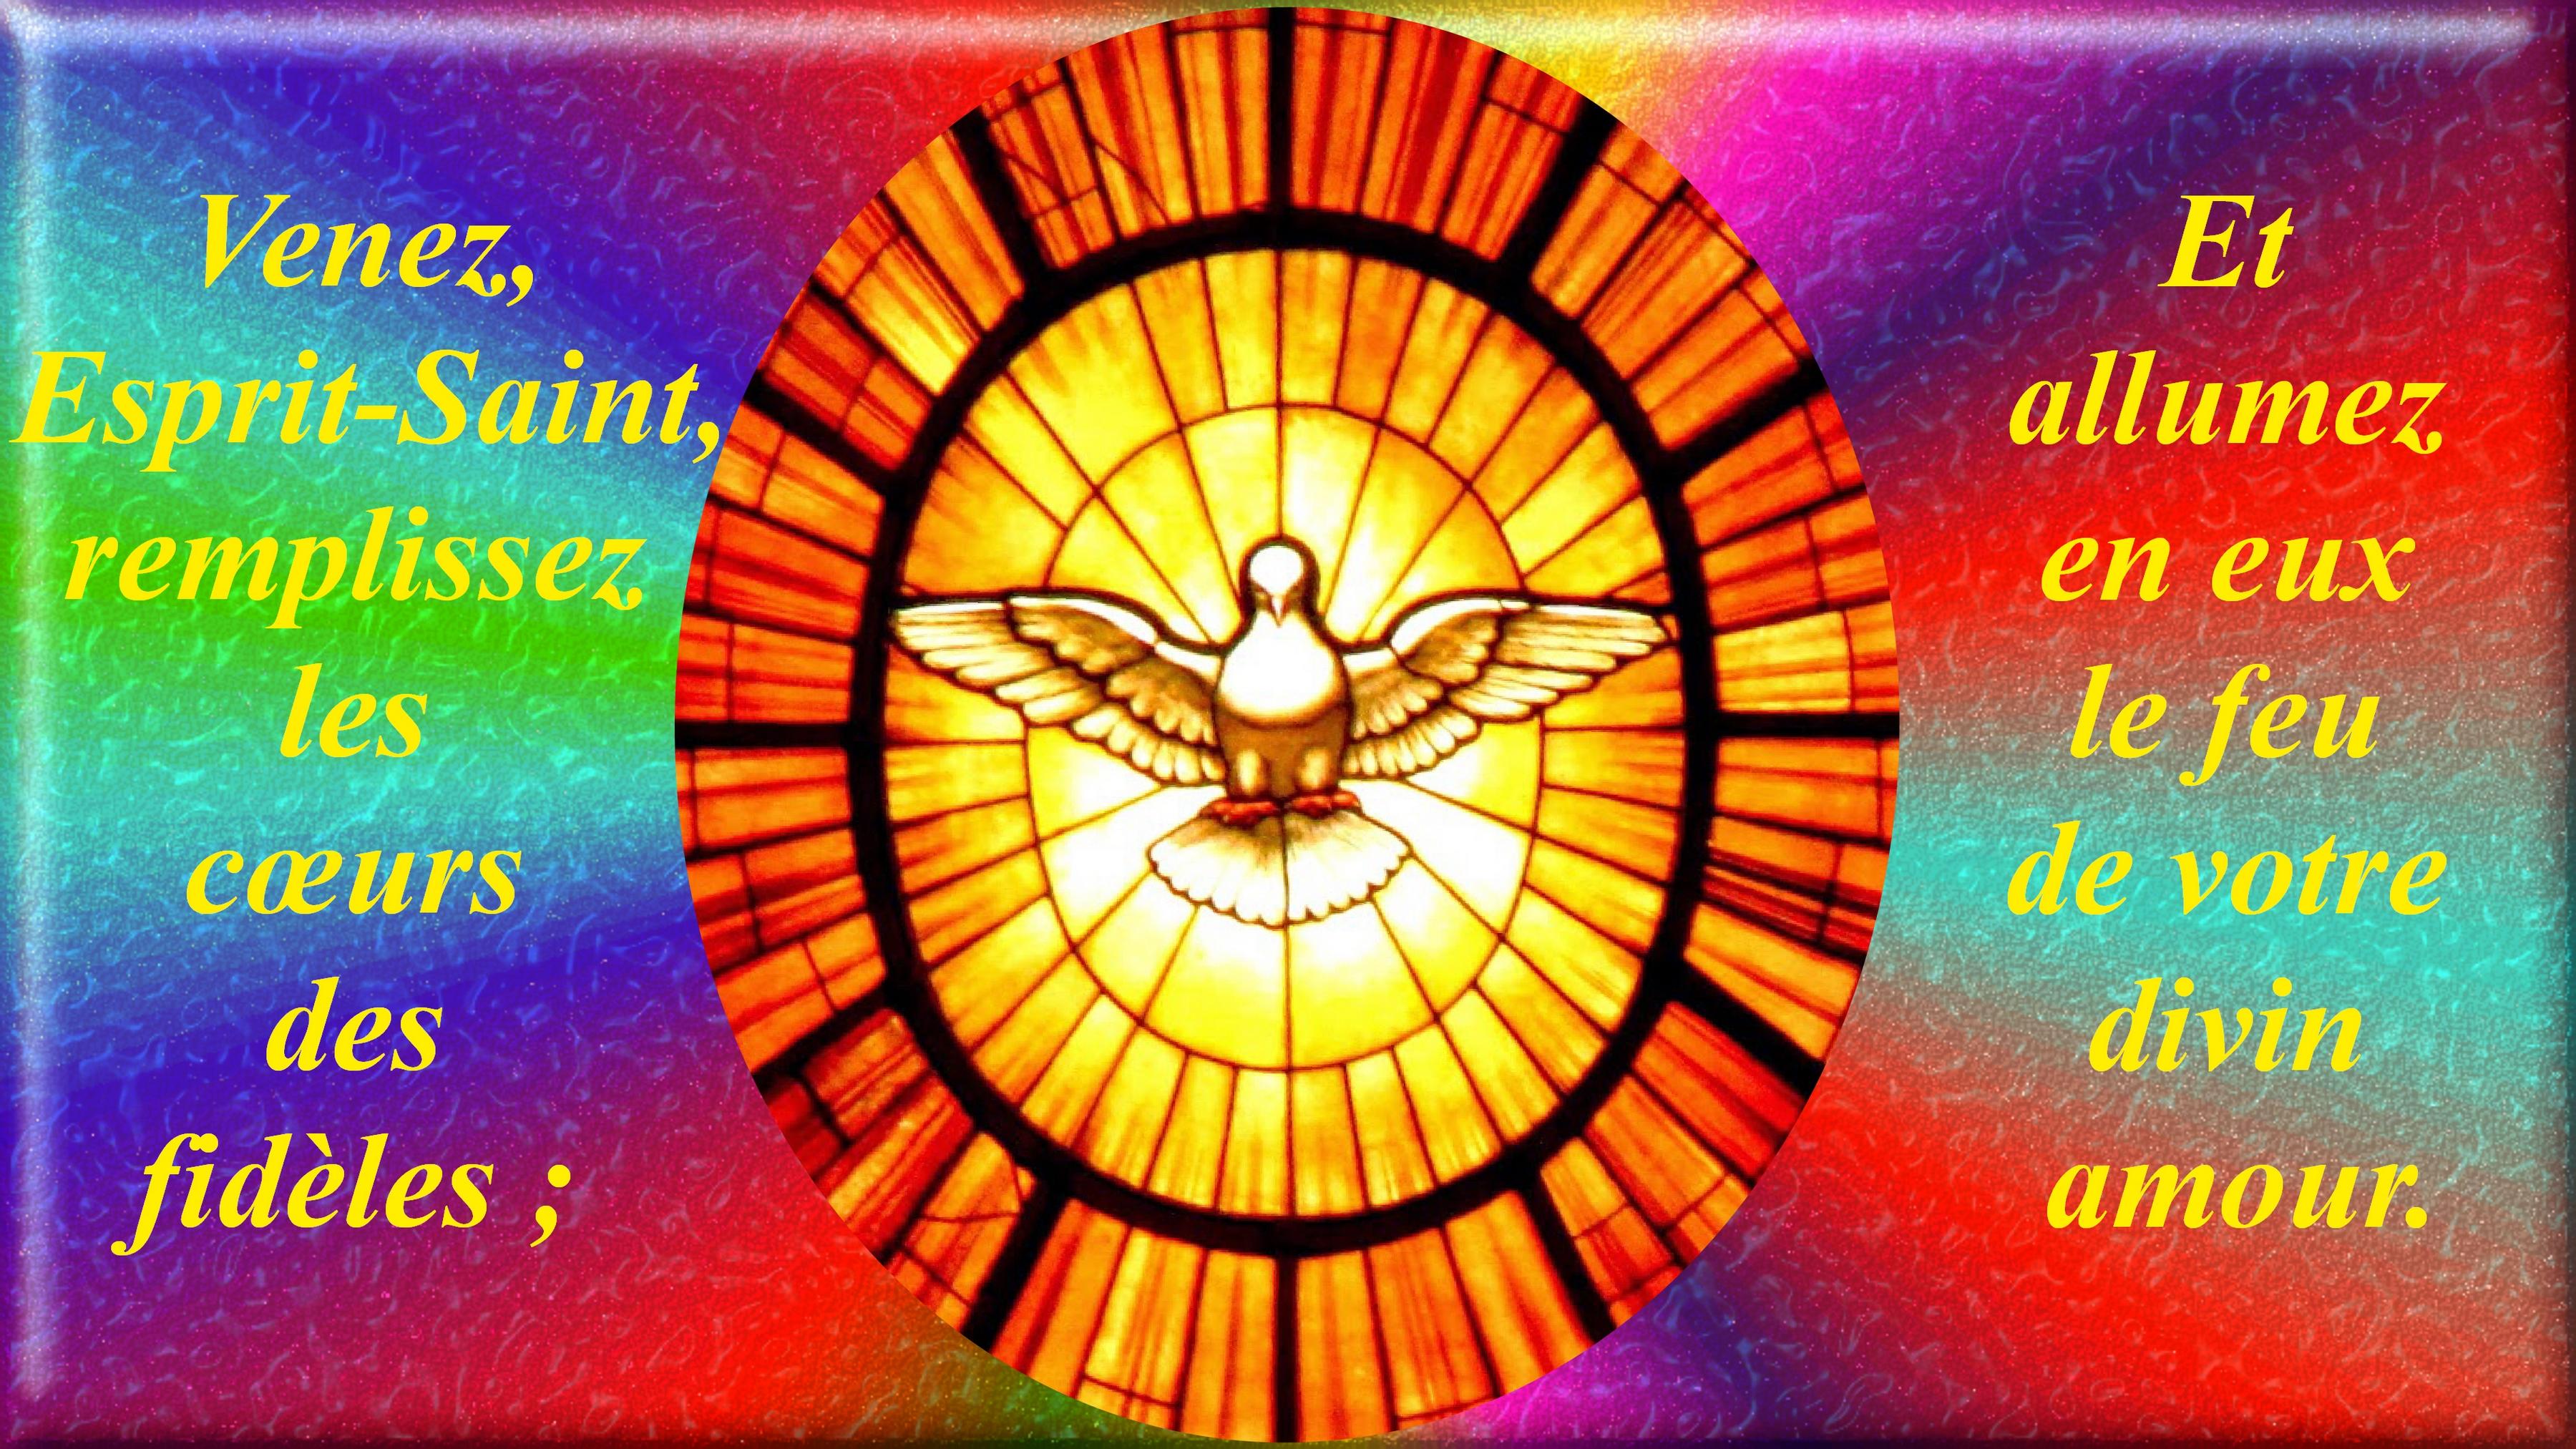 CALENDRIER CATHOLIQUE 2020 (Cantiques, Prières & Images) - Page 16 Le-saint-esprit-2--563eea6